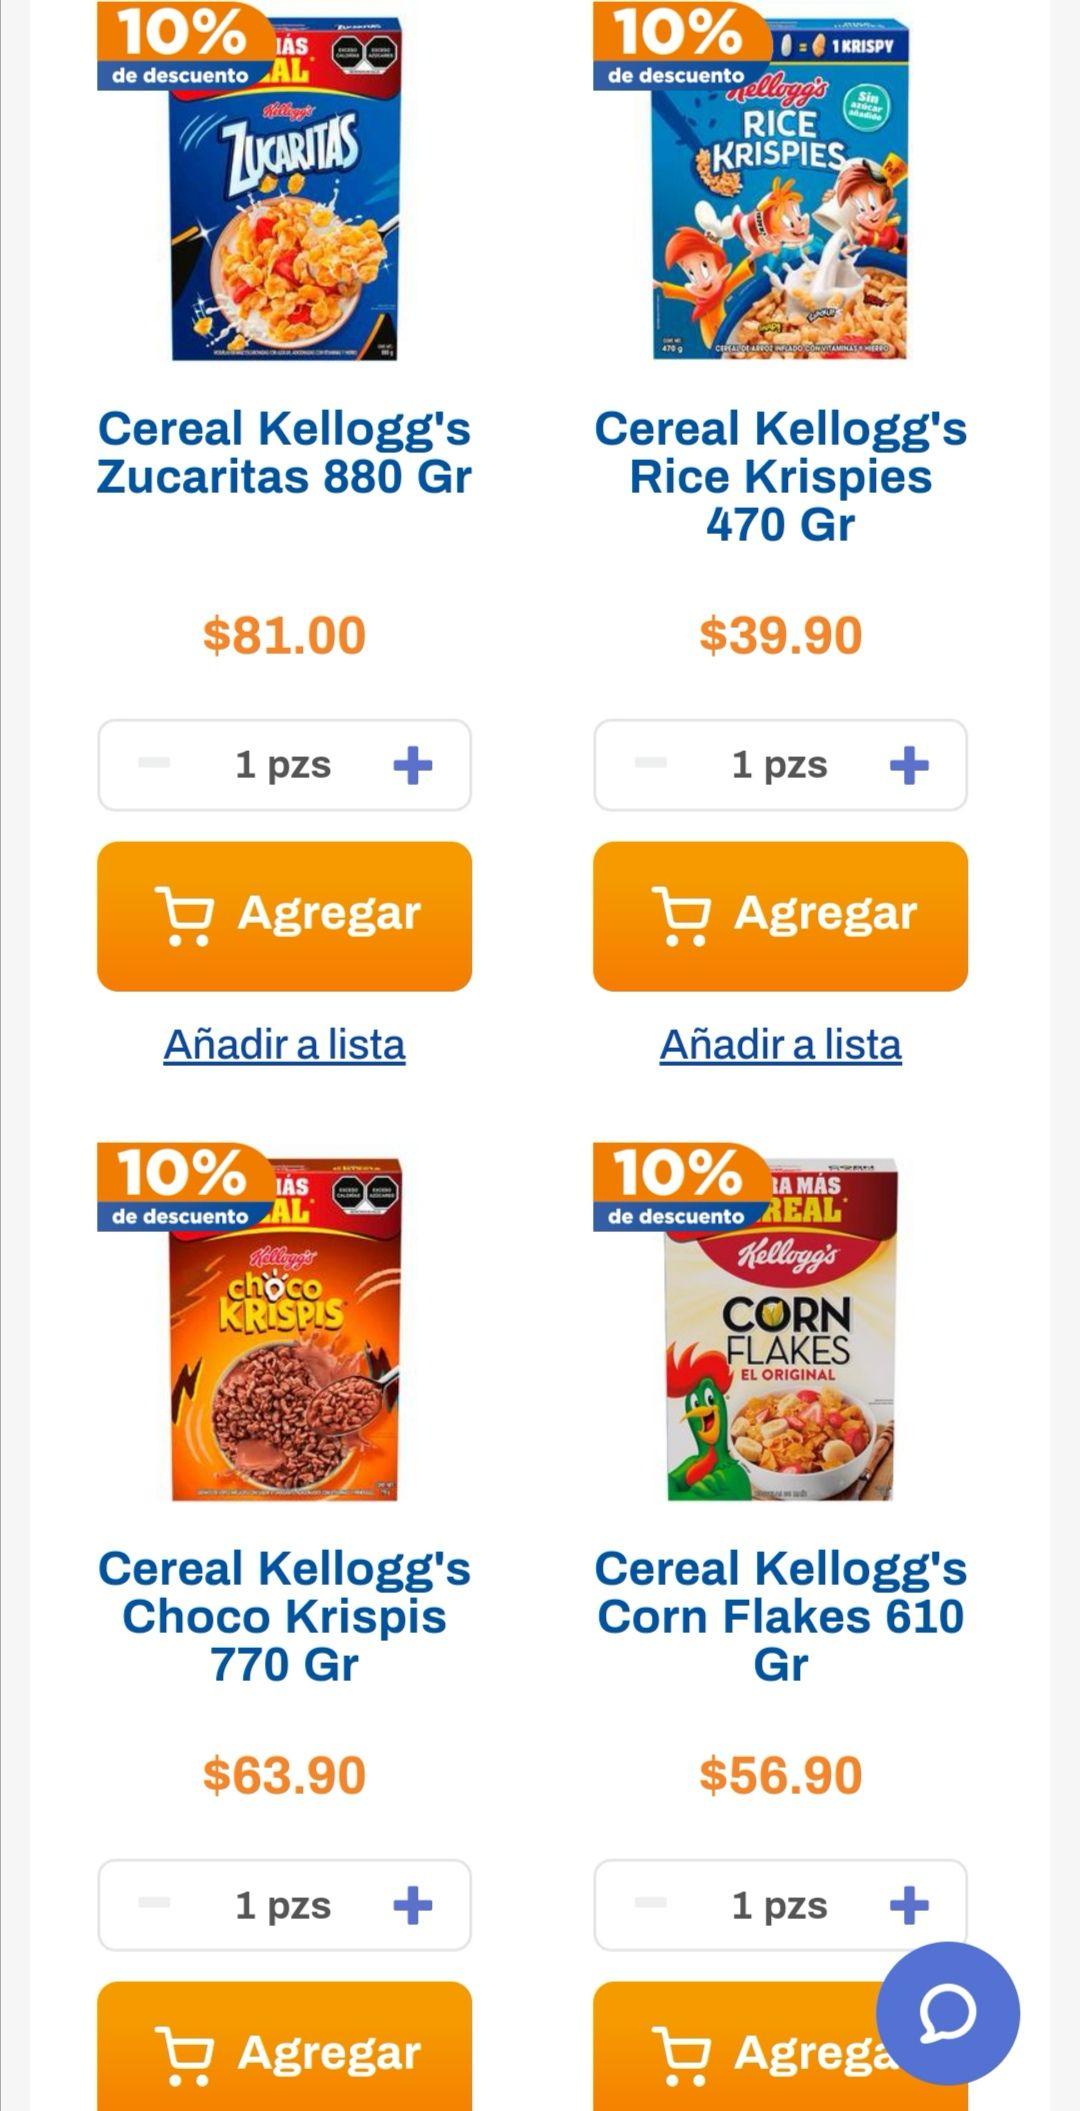 Chedraui: 10% de descuento en cereales Kellogg's (excepto importados)